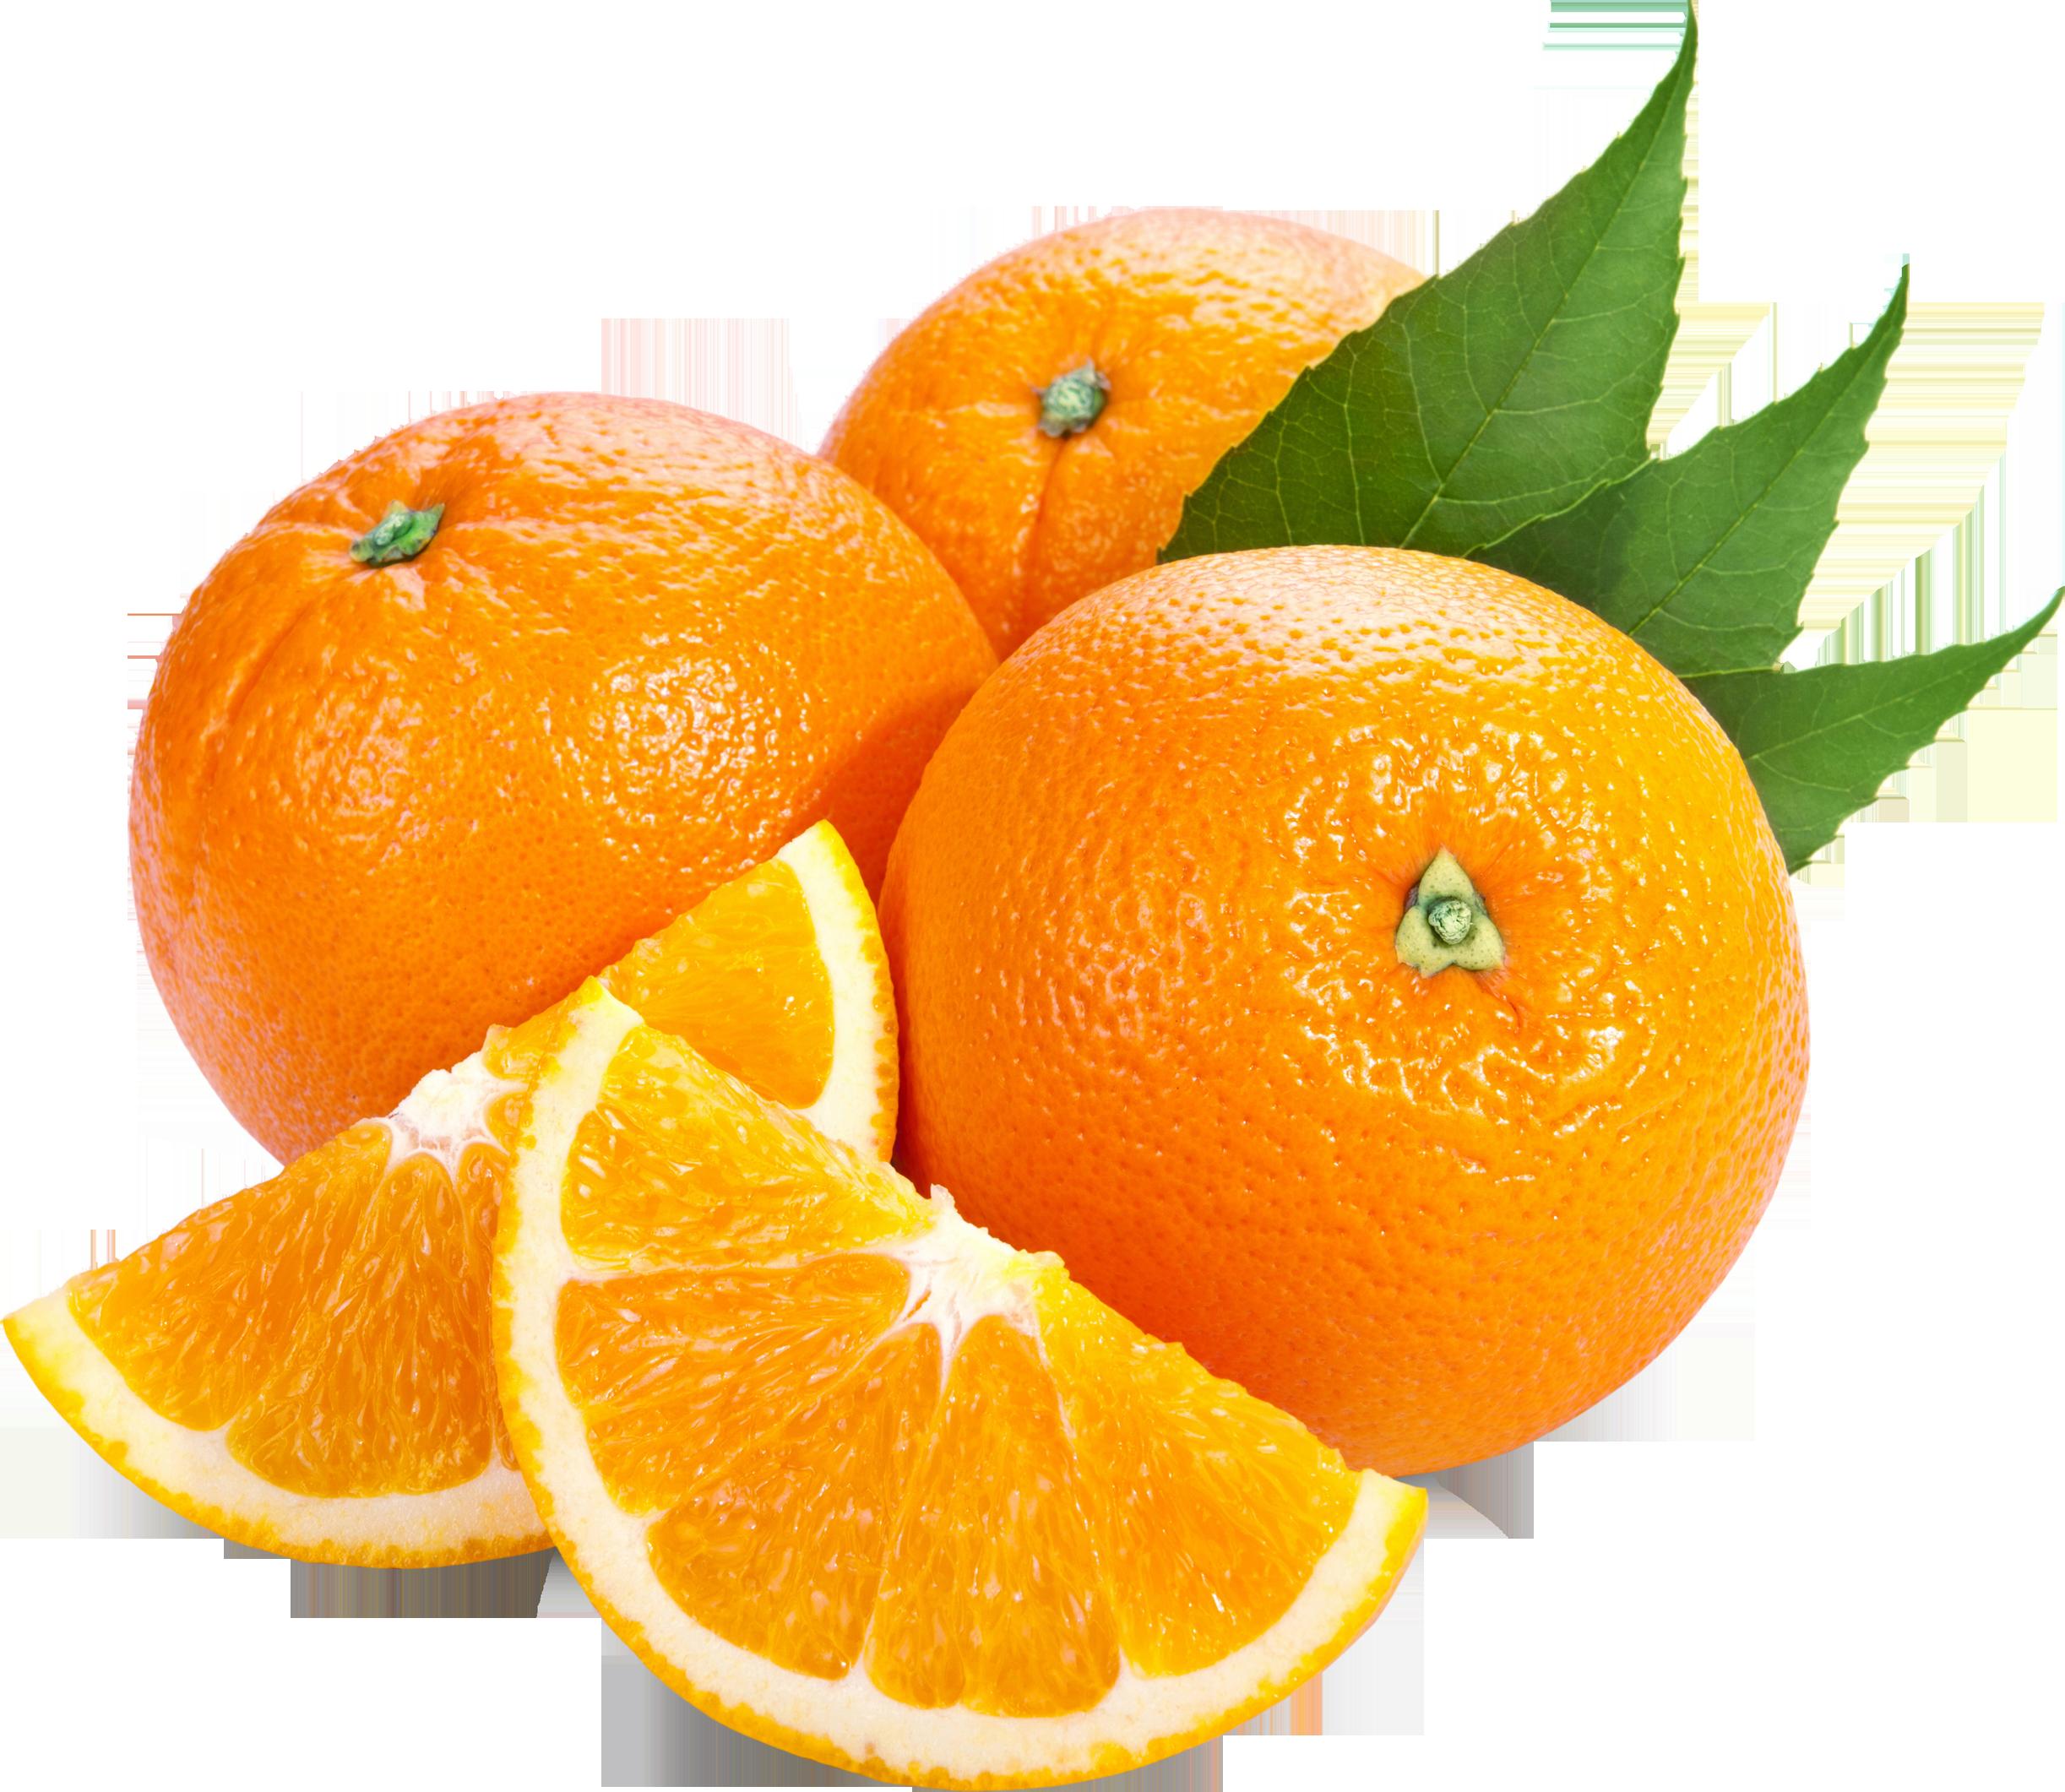 Orange PNG image, free download - Orange PNG - Orange HD PNG